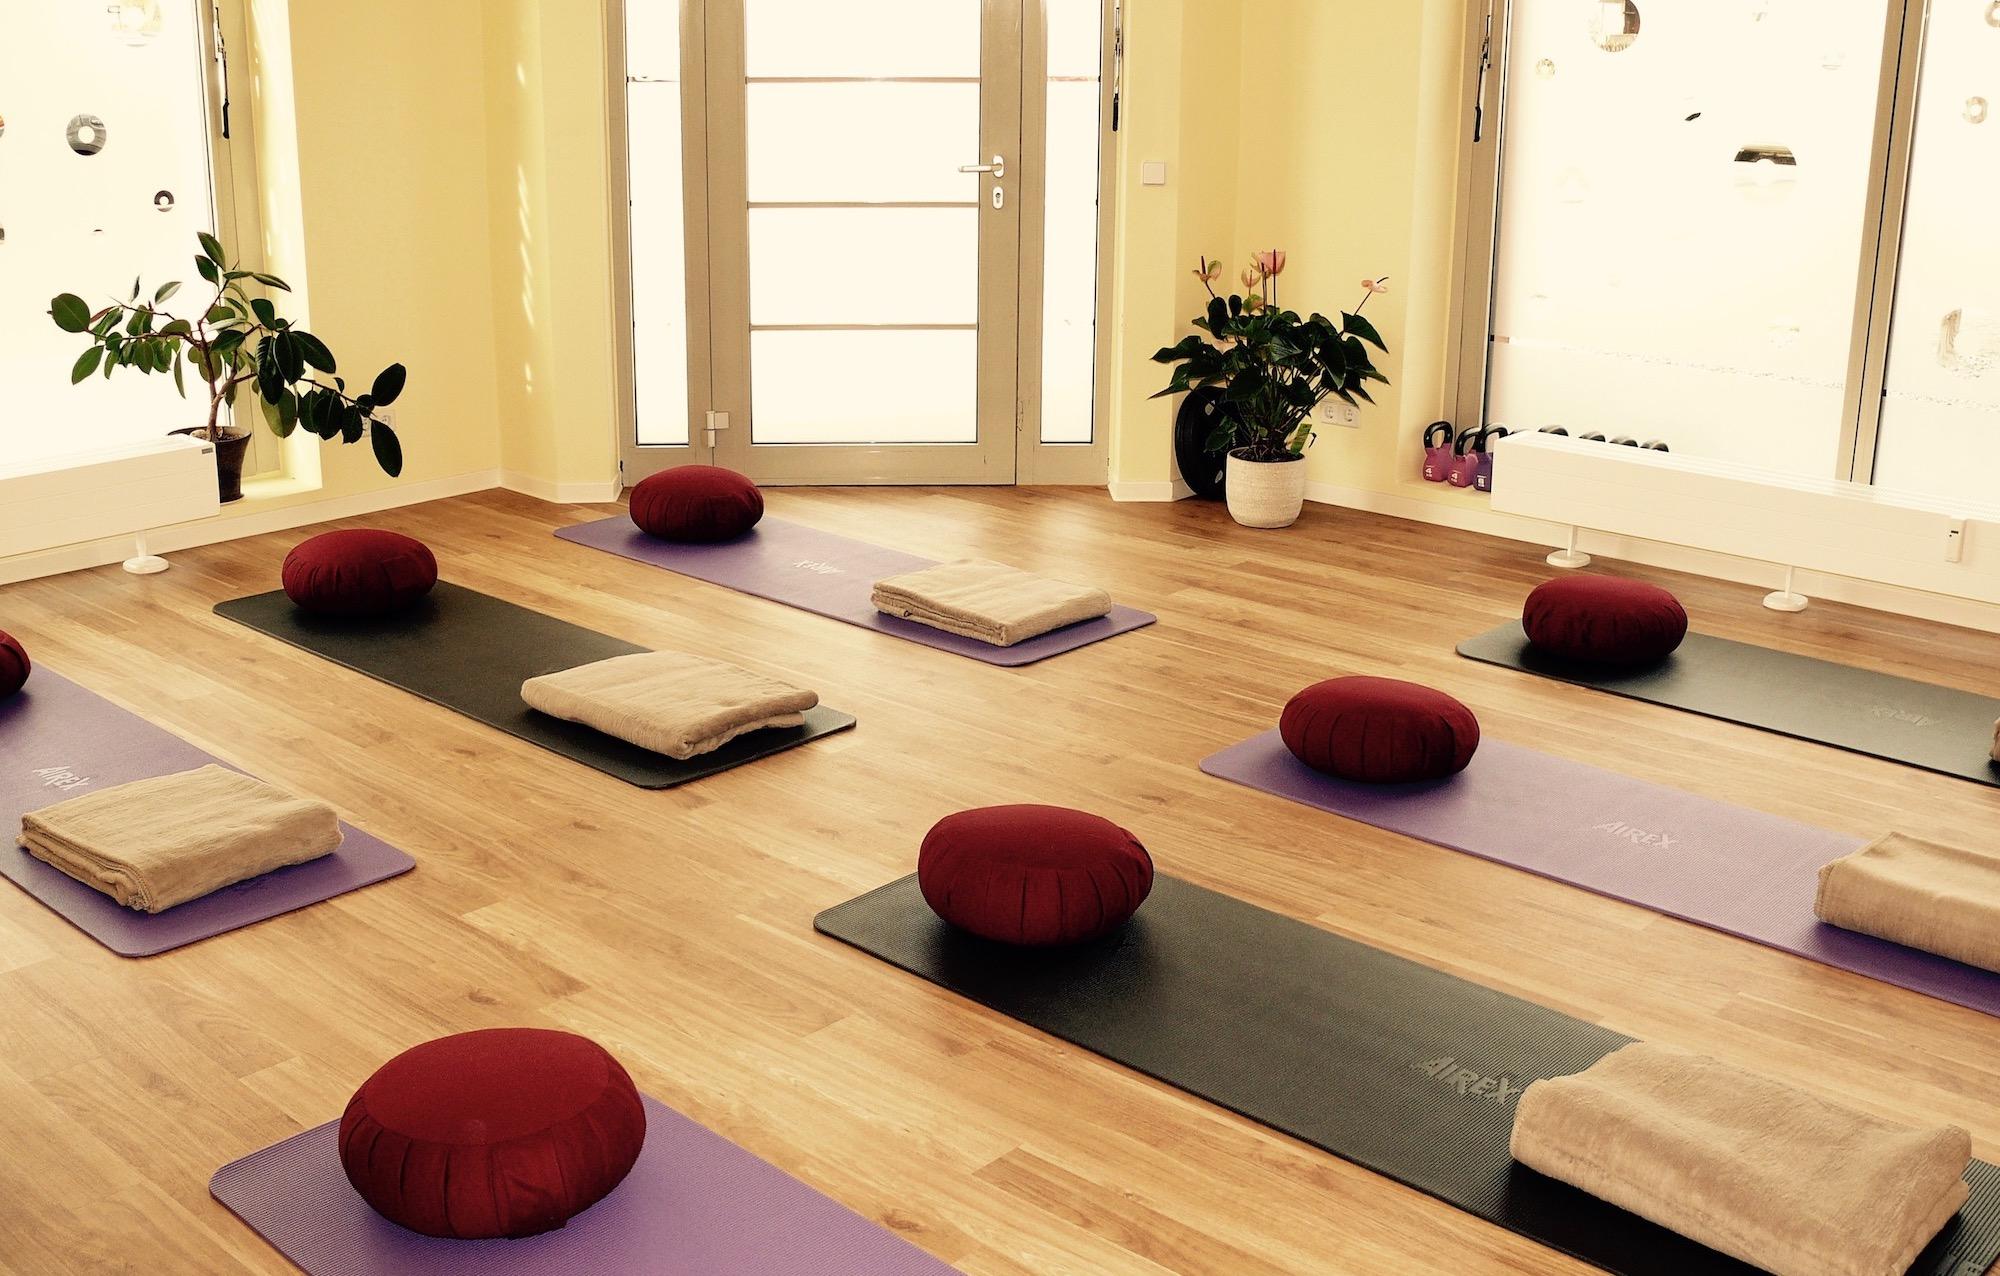 Yoga-Kurs in der Physiopraxis Schreiber in Dresden Seidnitz